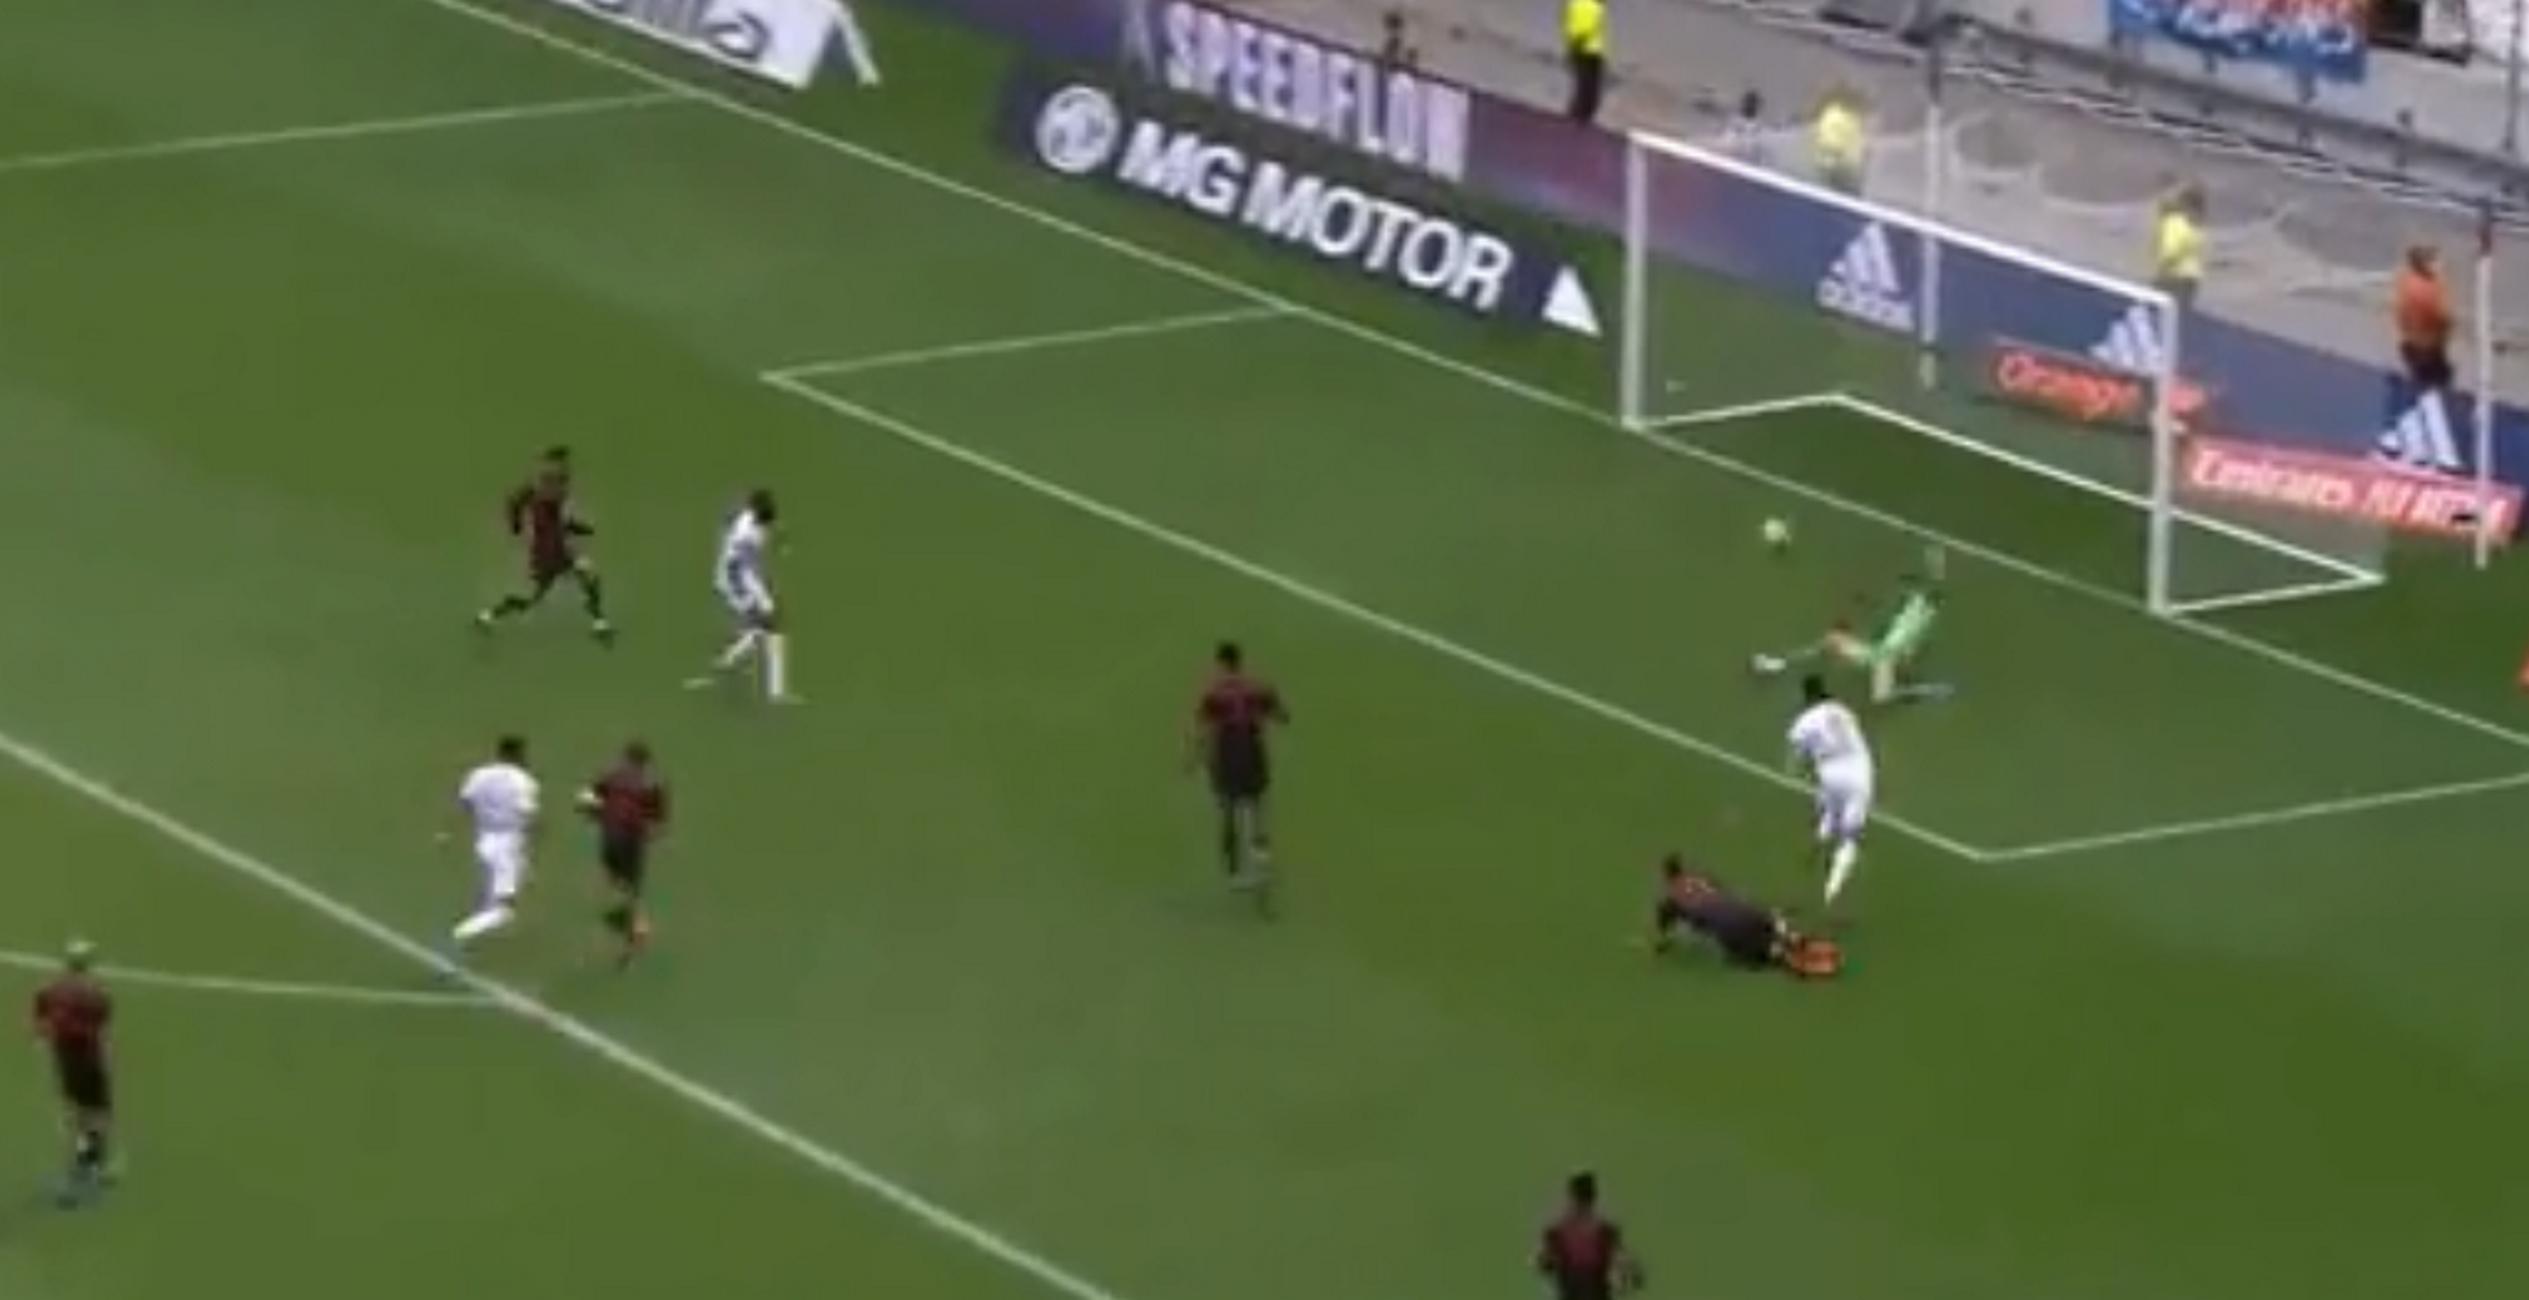 Γκολ «playstation» από τη Λιόν στη Ligue 1